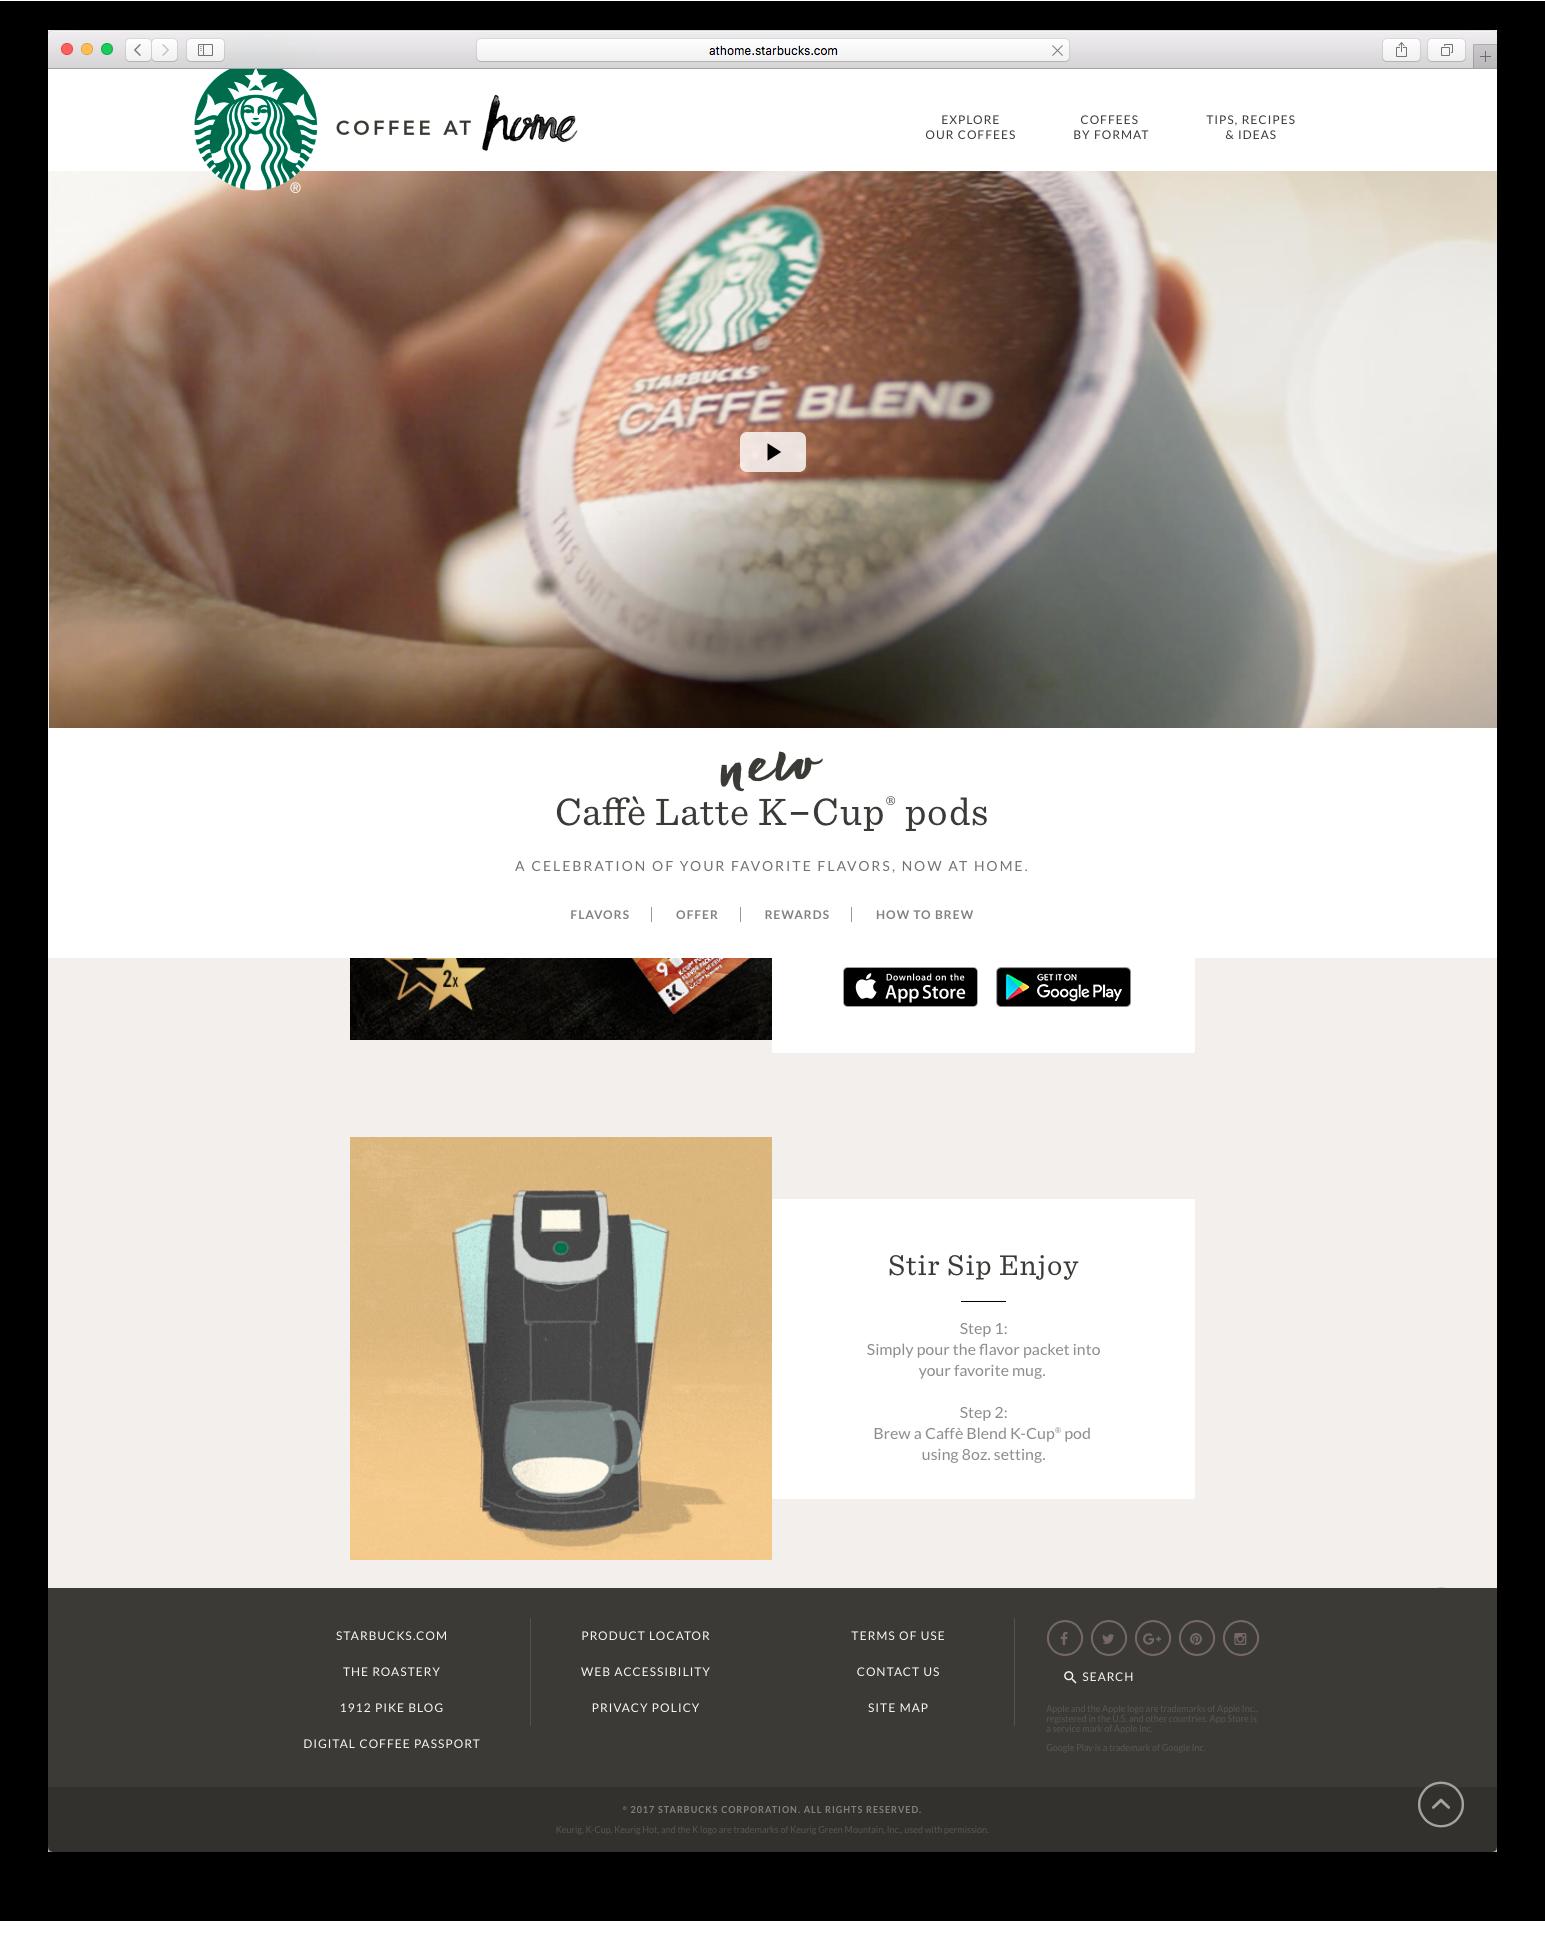 website_04.png